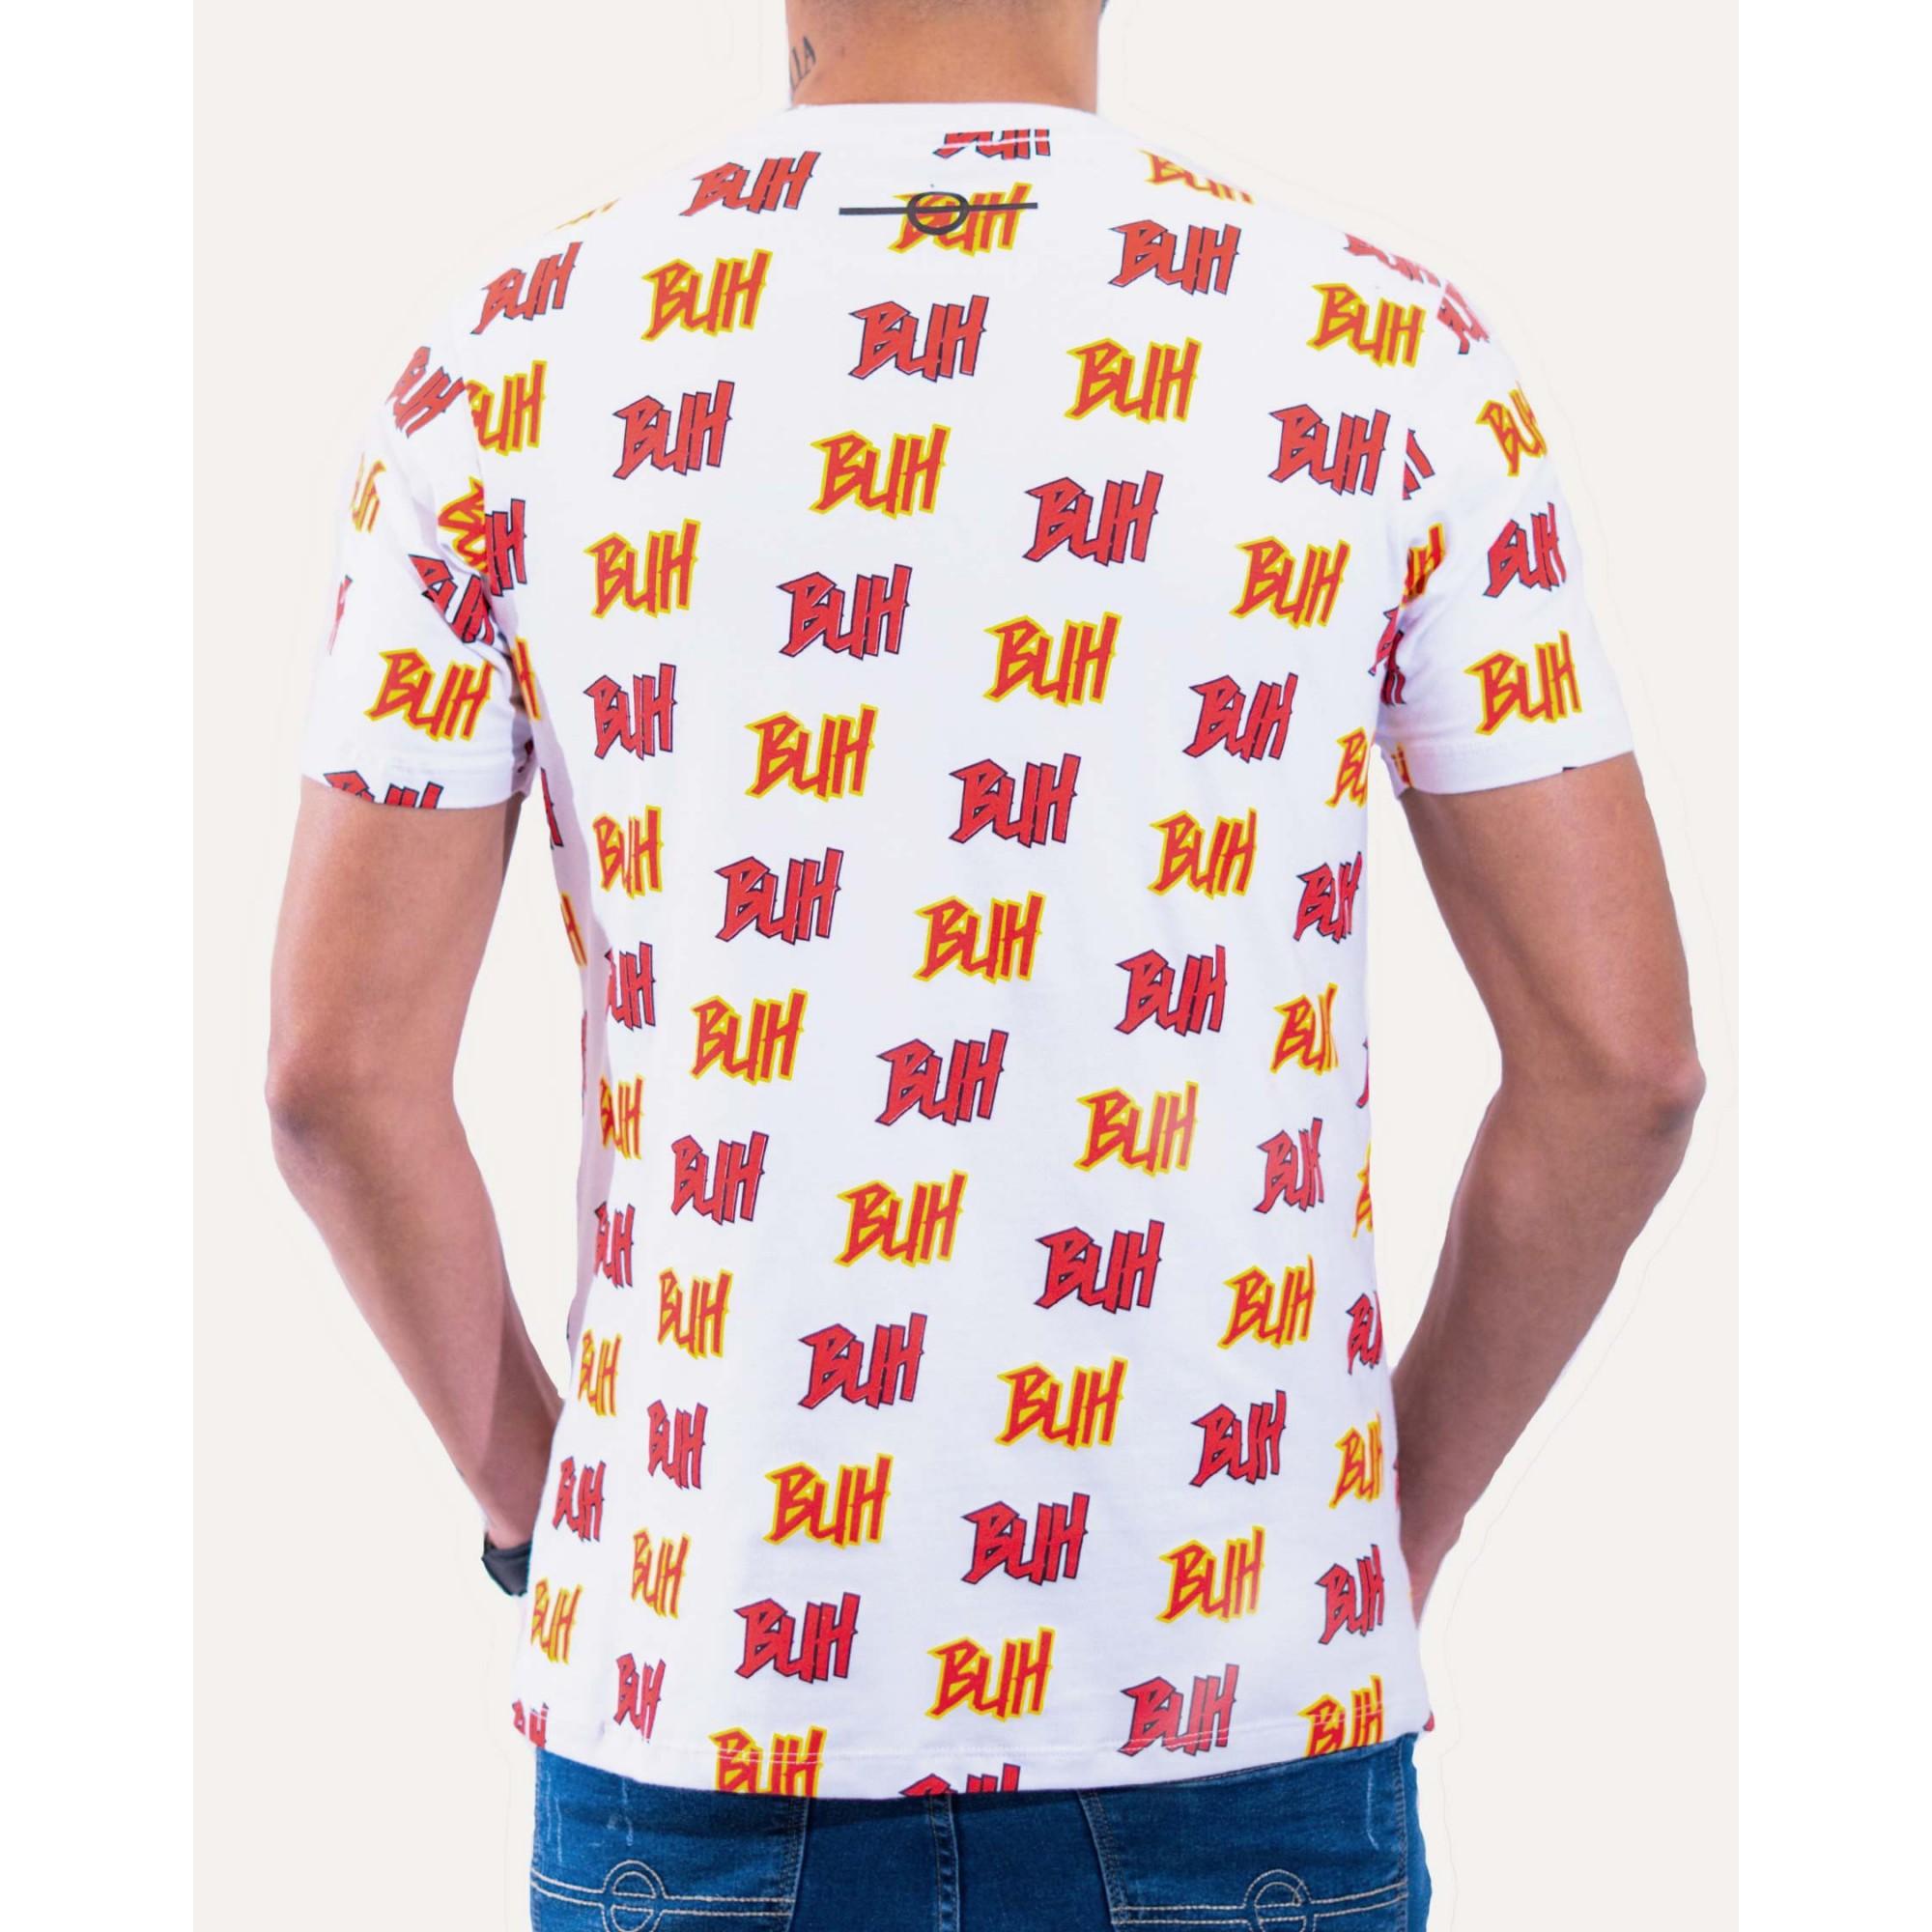 Camiseta Buh Full Logos White